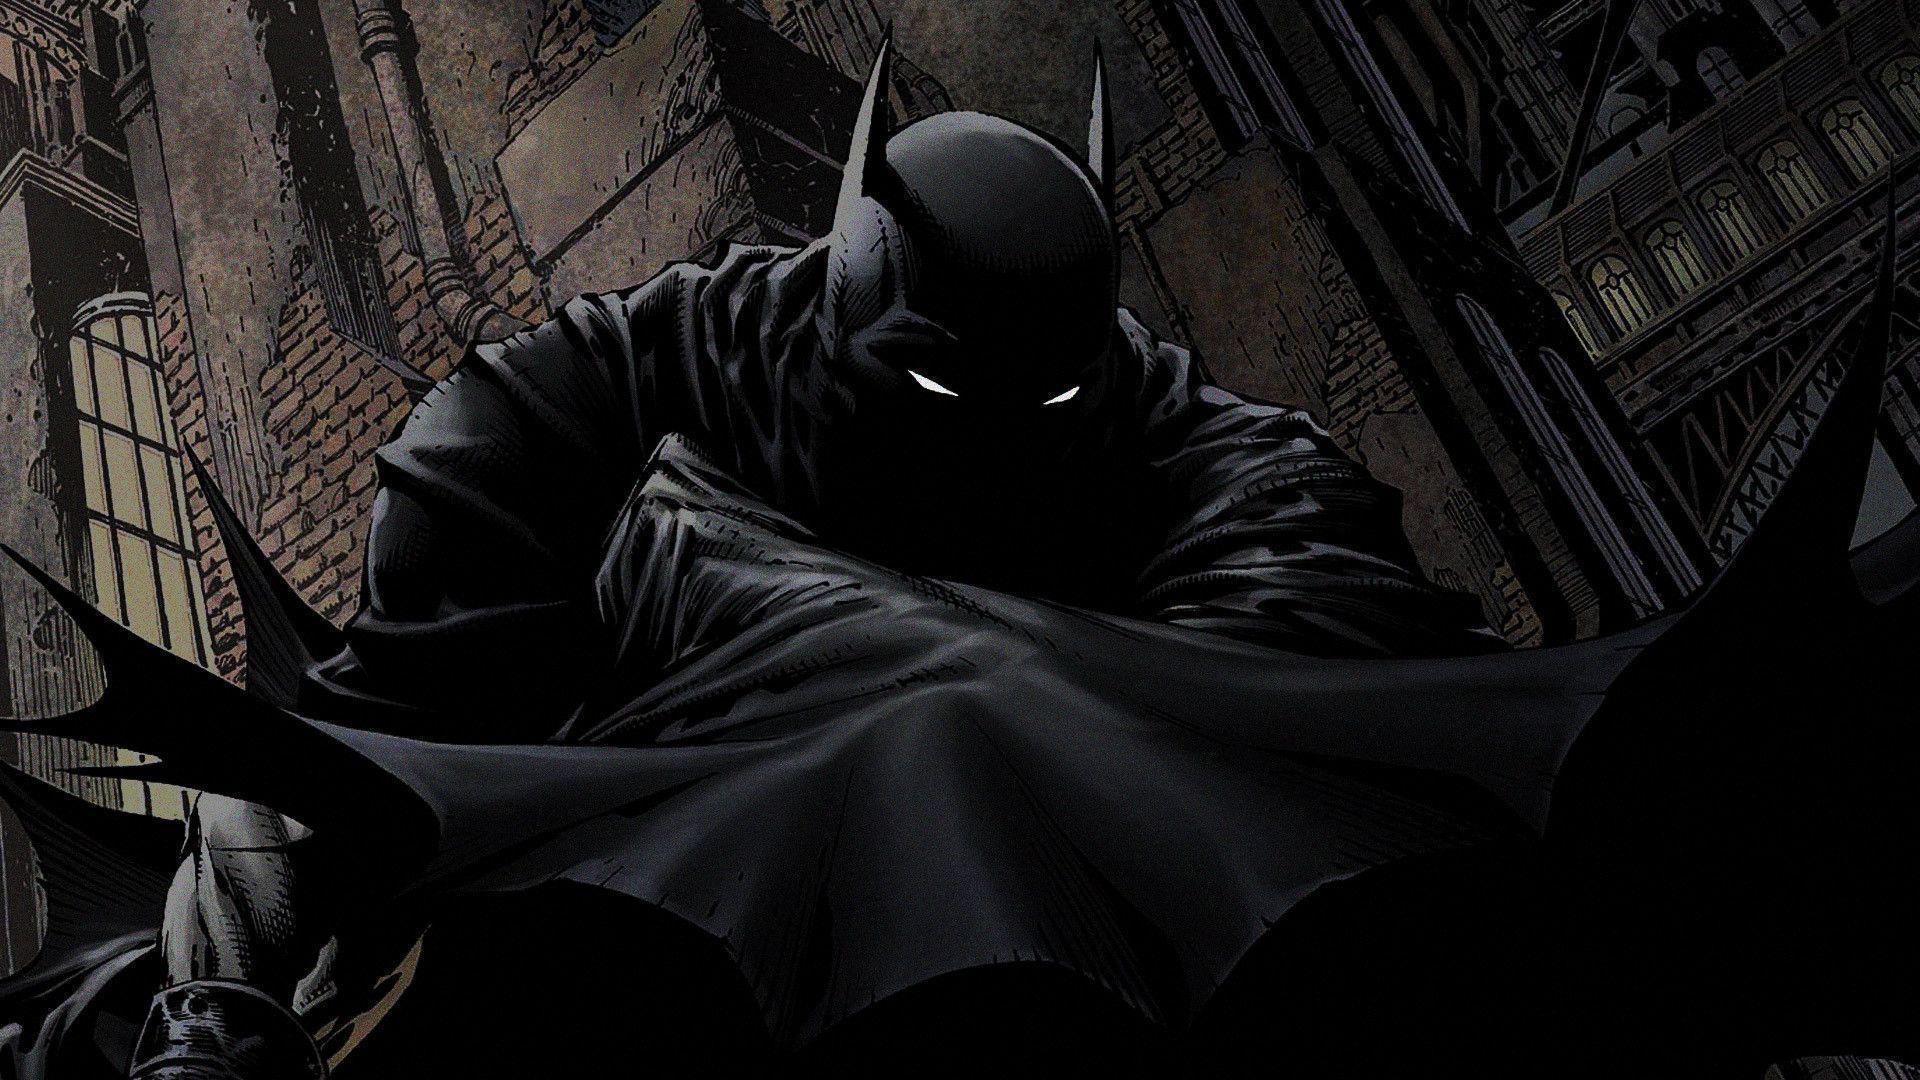 wallpaper comics batman - photo #5